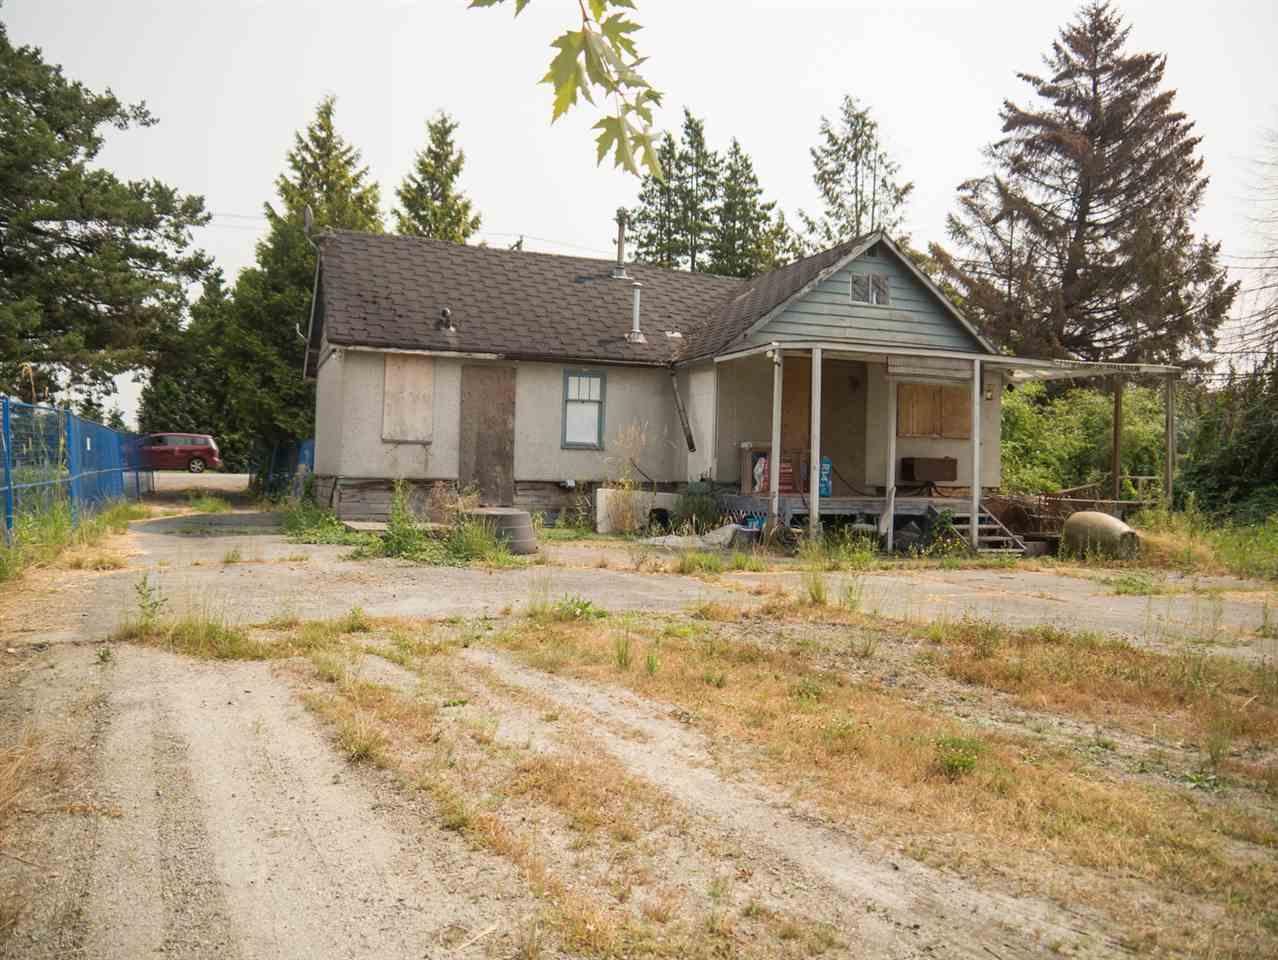 Detached at 10231 NO. 6 ROAD, Richmond, British Columbia. Image 1